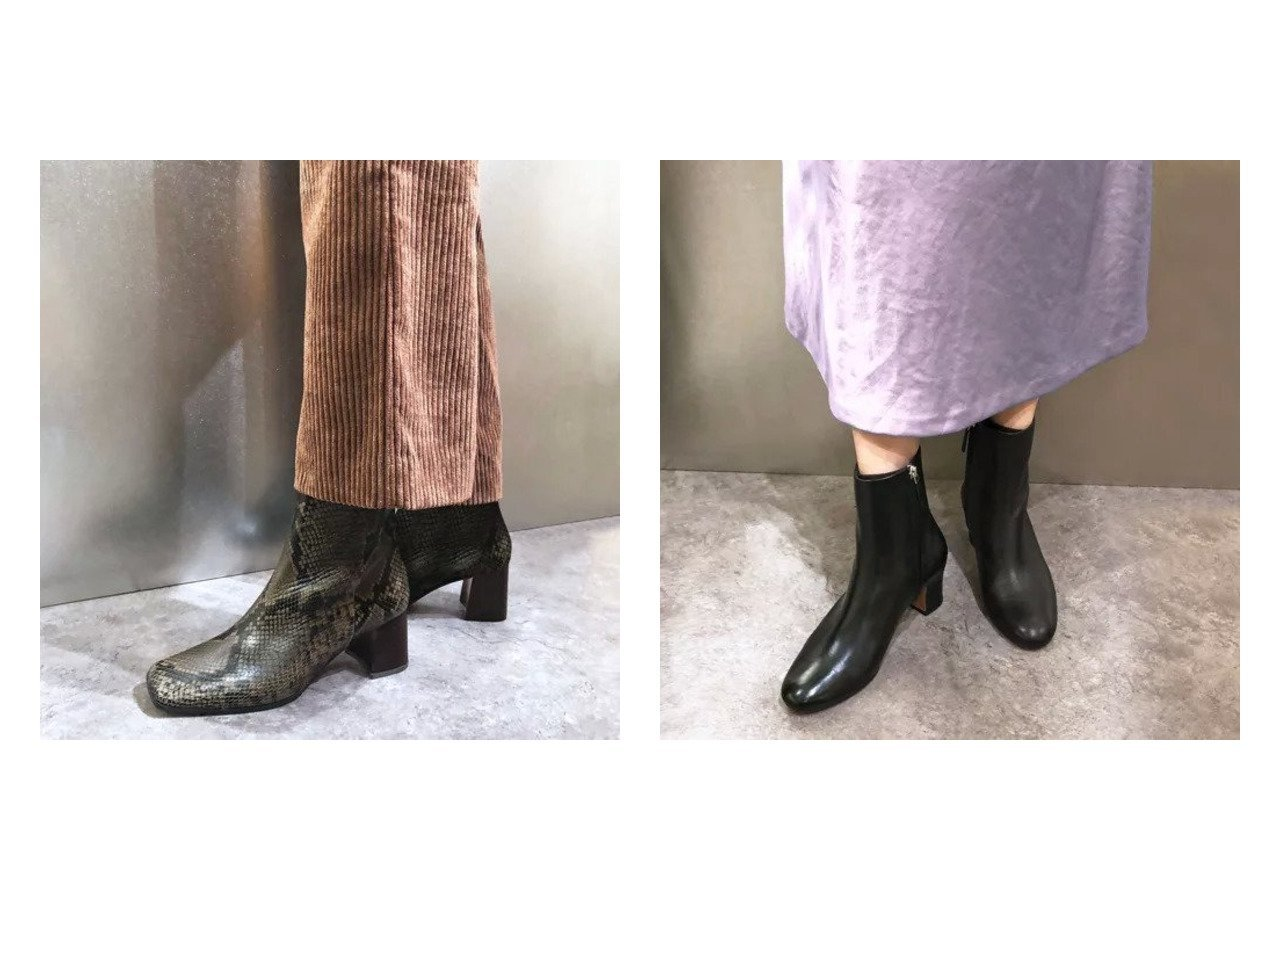 【enchanted/エンチャンテッド】の【APOM】本革スクエアトゥショートブーツ&【APOM】本革ラウンドトゥショートブーツ シューズ・靴のおすすめ!人気、レディースファッションの通販  おすすめで人気のファッション通販商品 インテリア・家具・キッズファッション・メンズファッション・レディースファッション・服の通販 founy(ファニー) https://founy.com/ ファッション Fashion レディース WOMEN シューズ ショート 今季 |ID:crp329100000004120